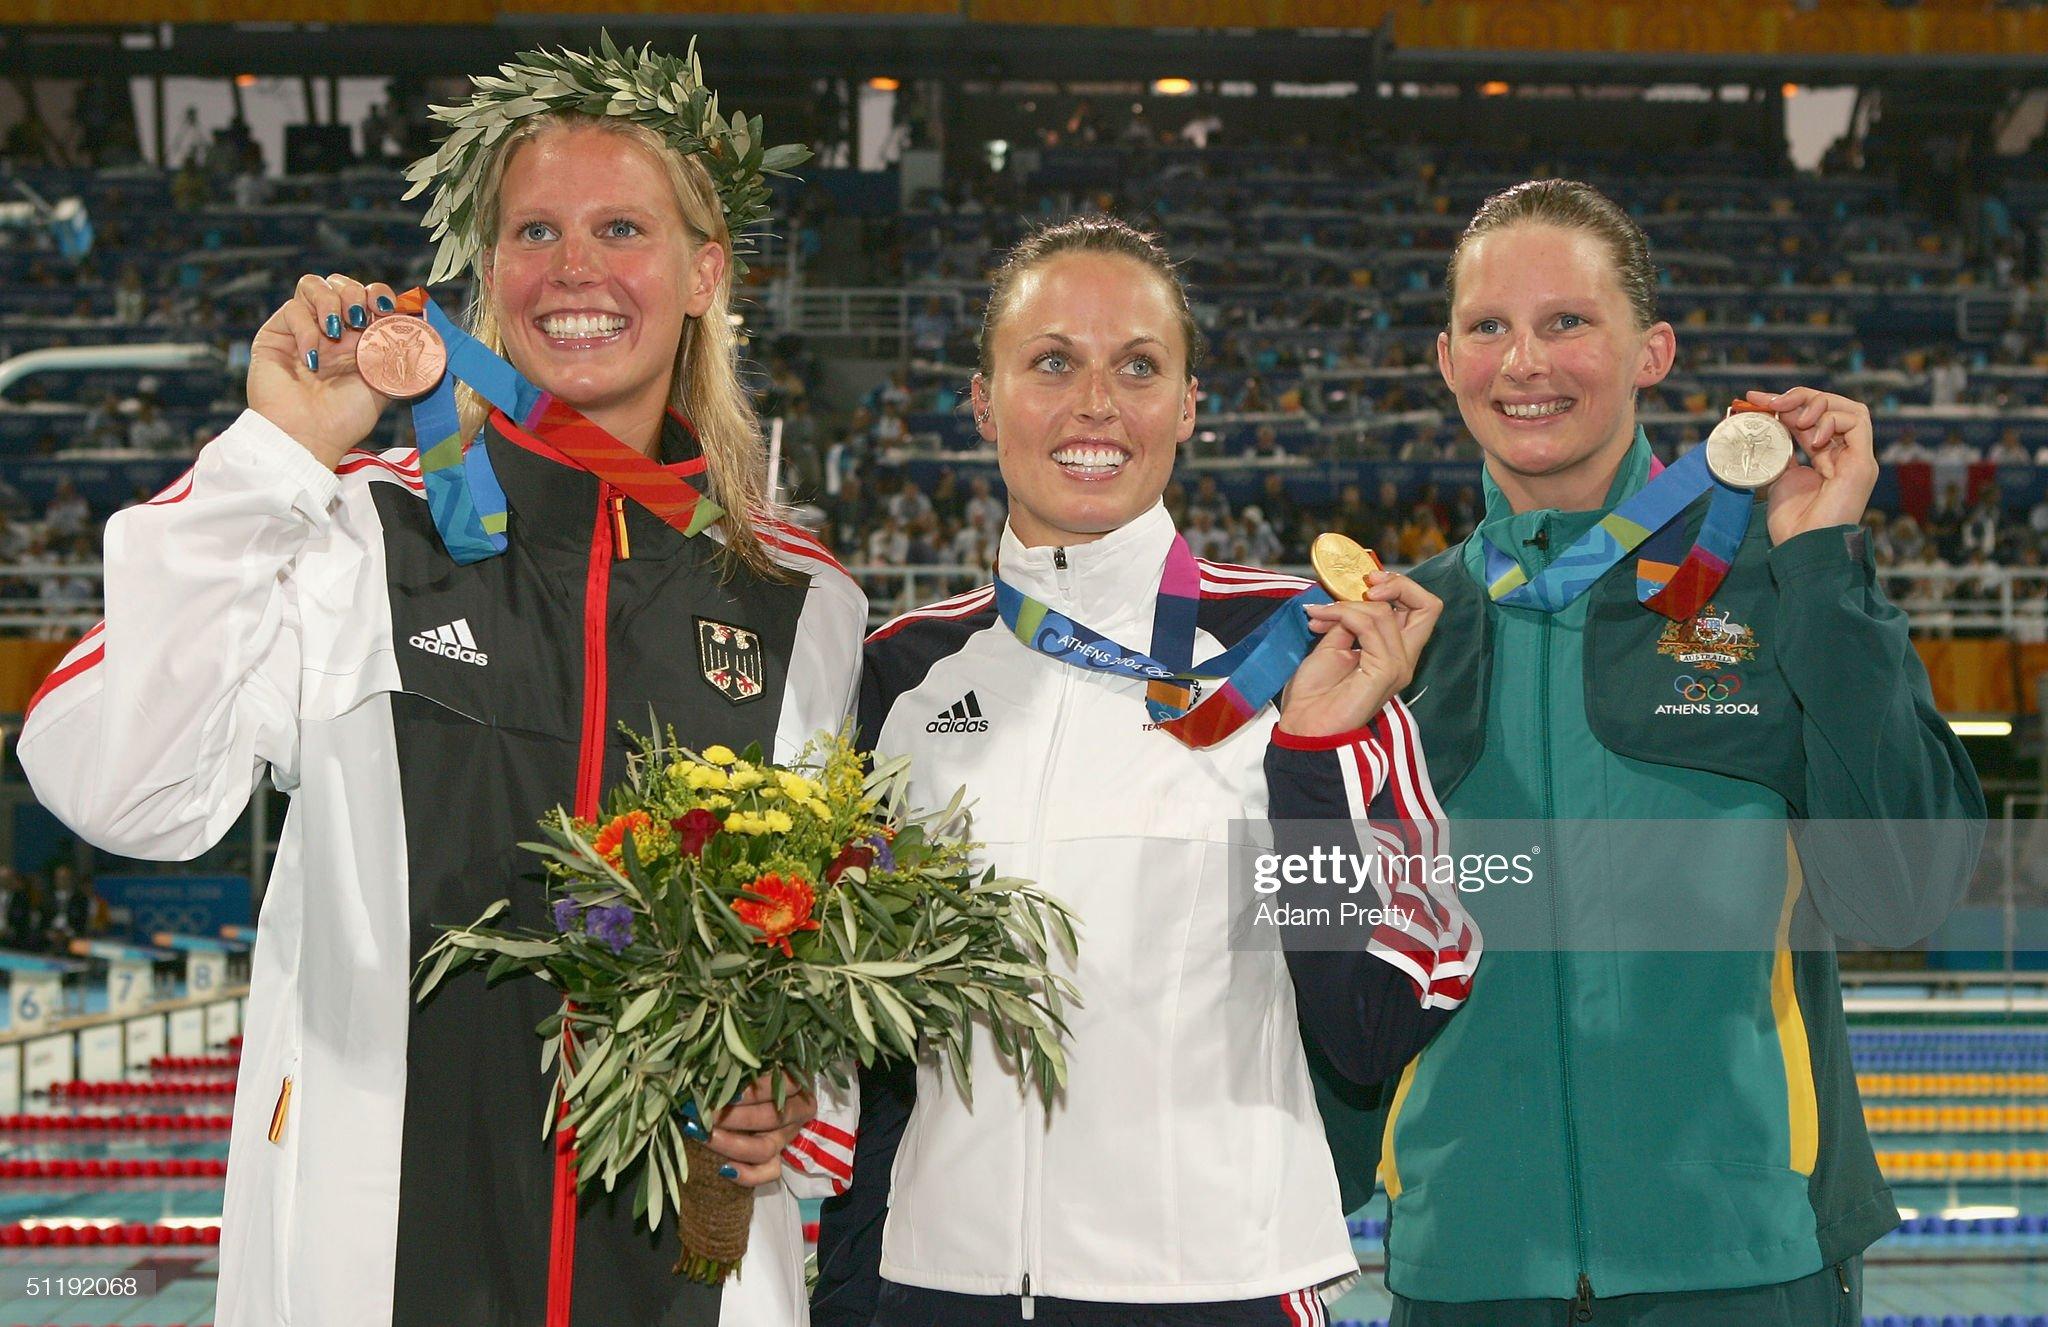 Womens 200m Breaststroke Medal Ceremony : Fotografía de noticias